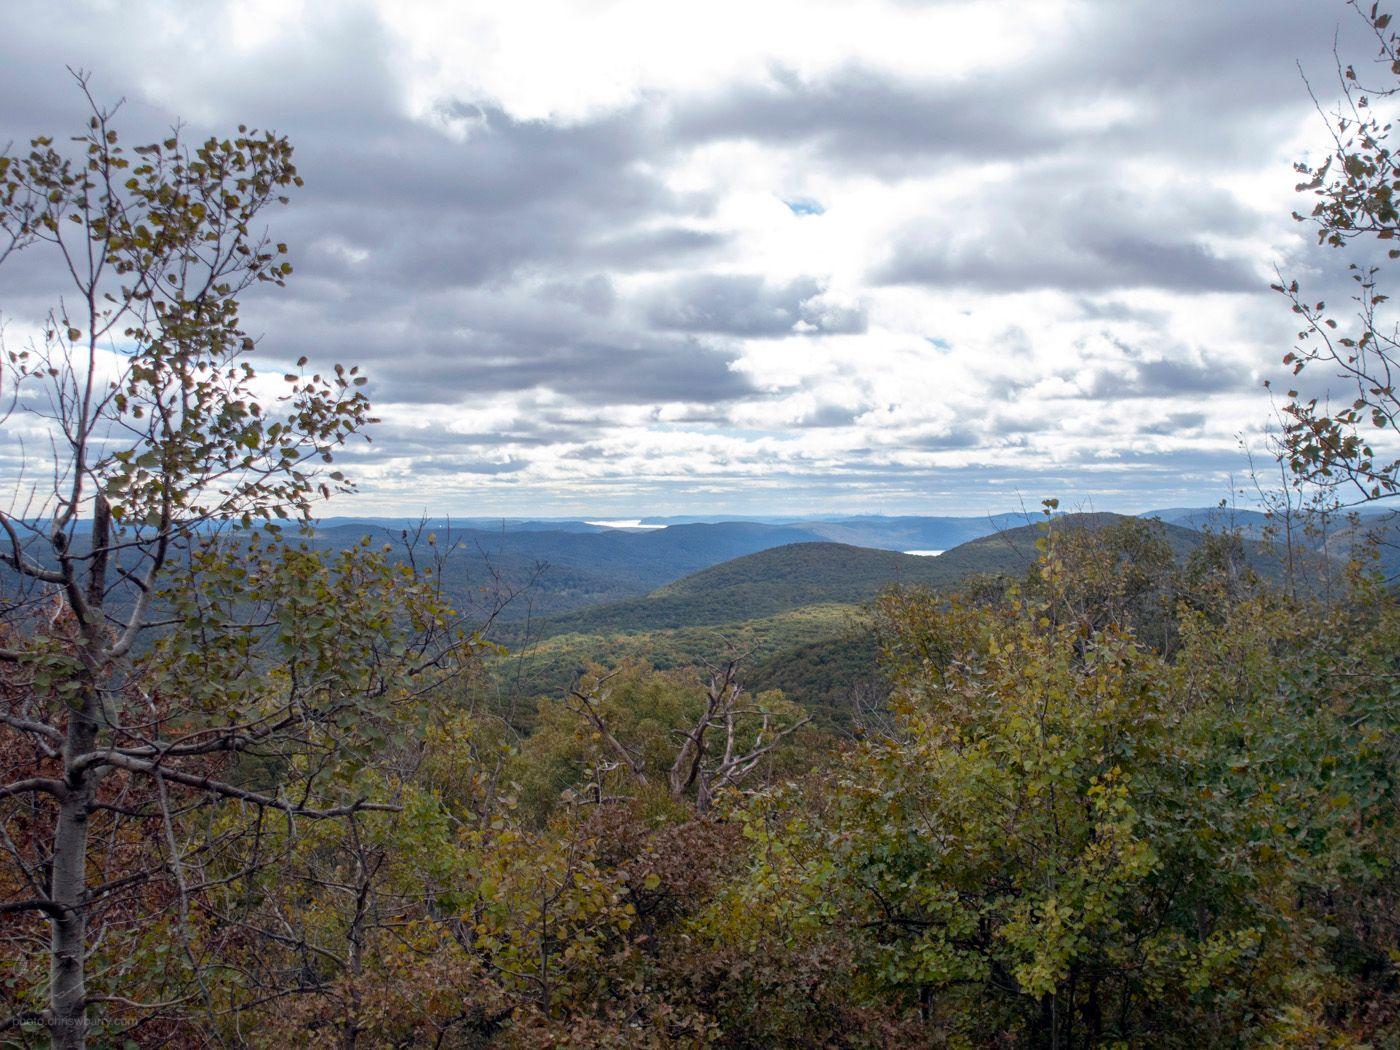 10-21-18: Spectacular Views